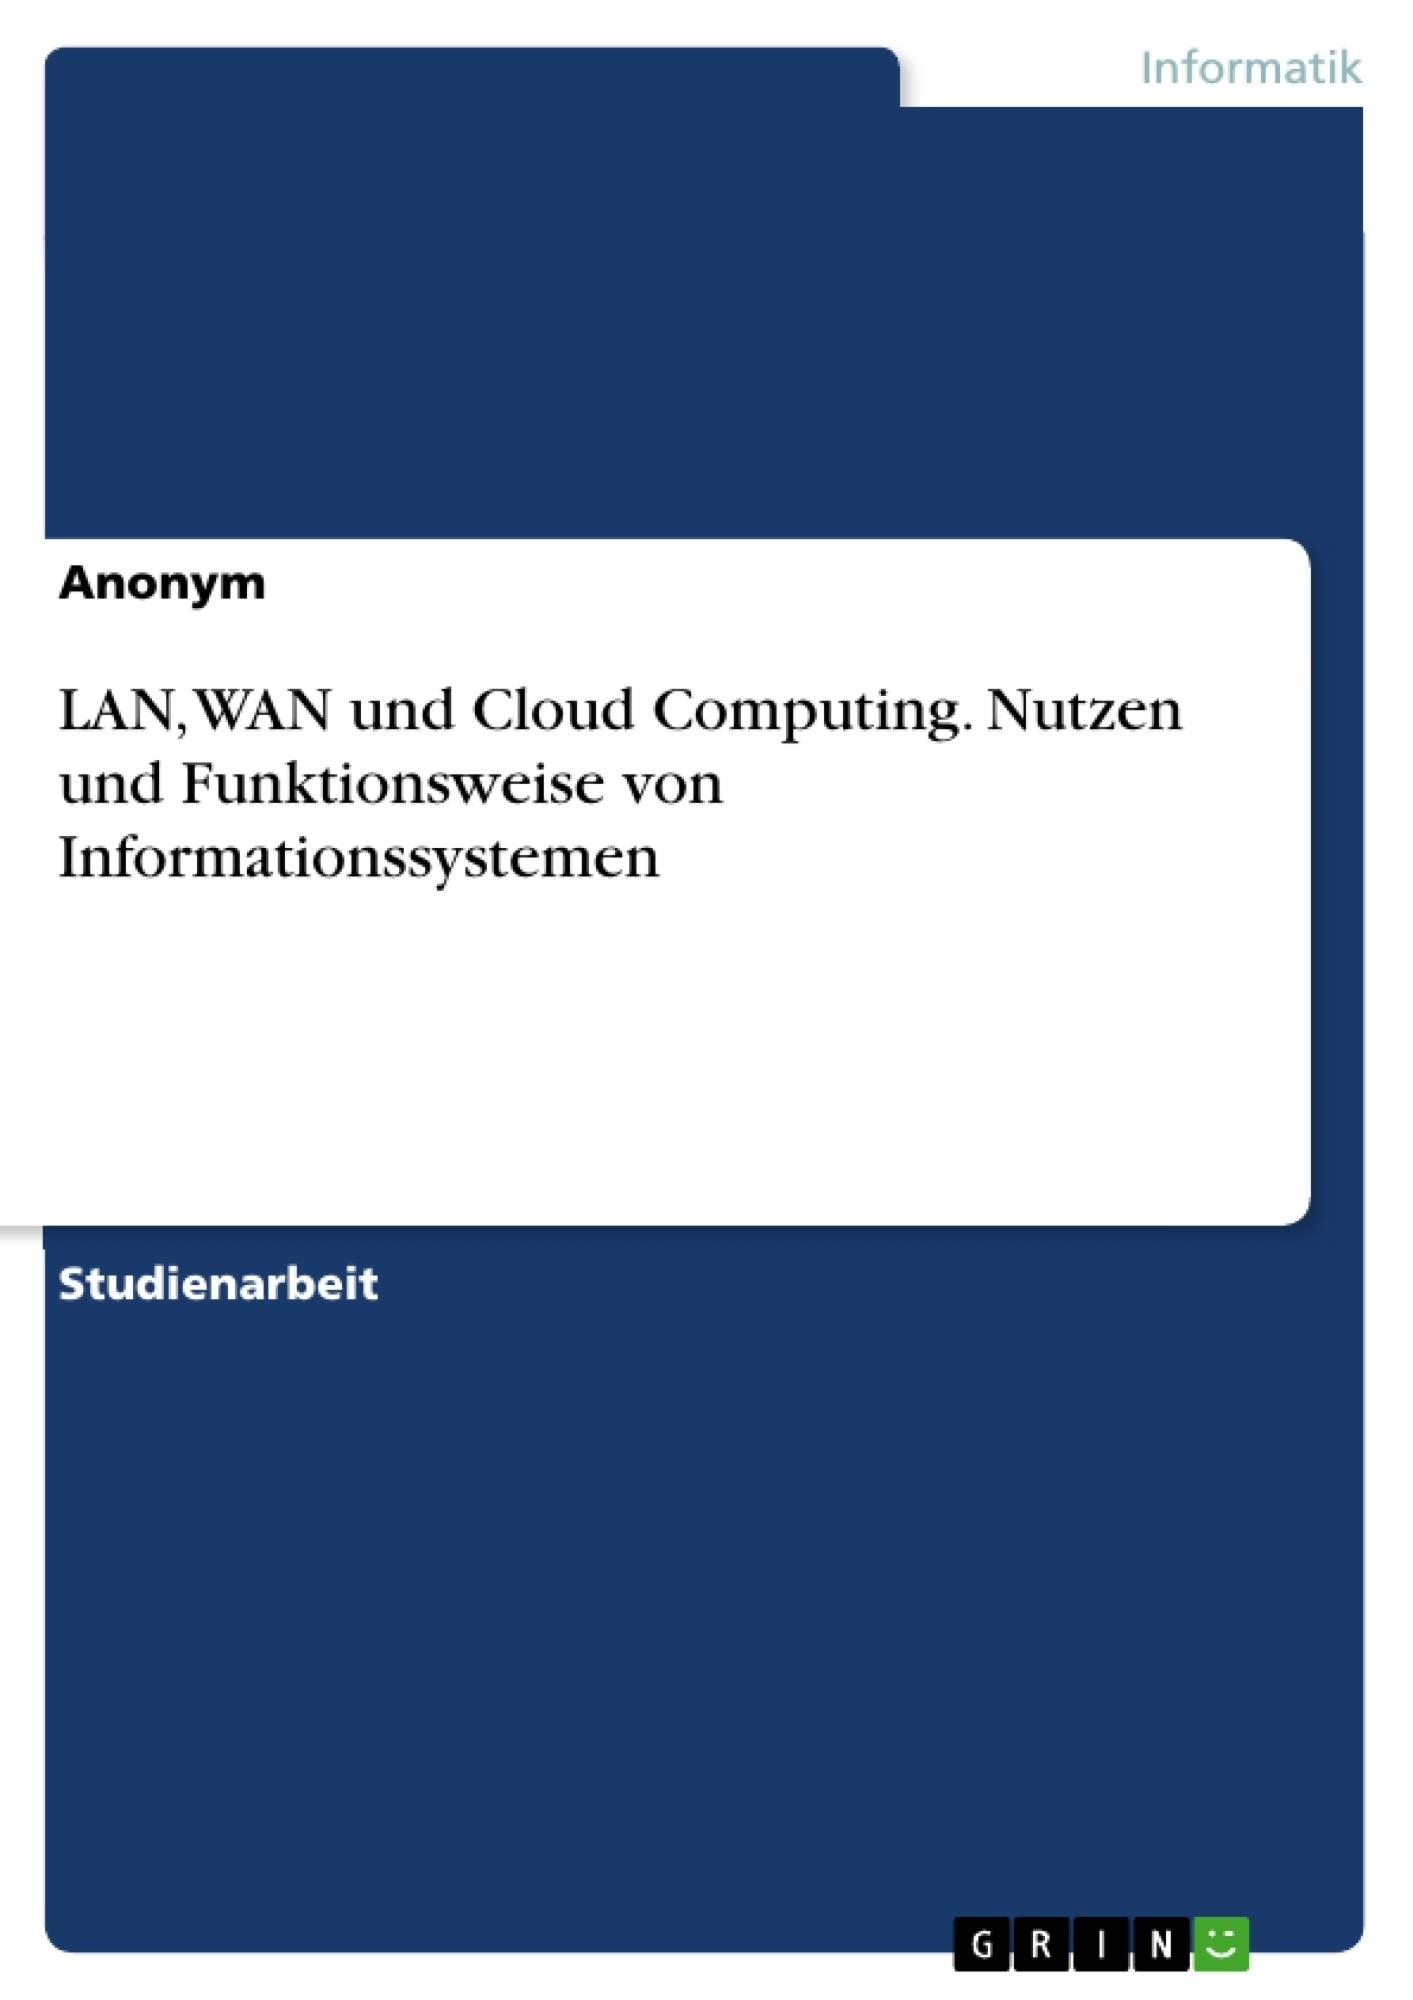 Titel: LAN, WAN und Cloud Computing. Nutzen und Funktionsweise von Informationssystemen